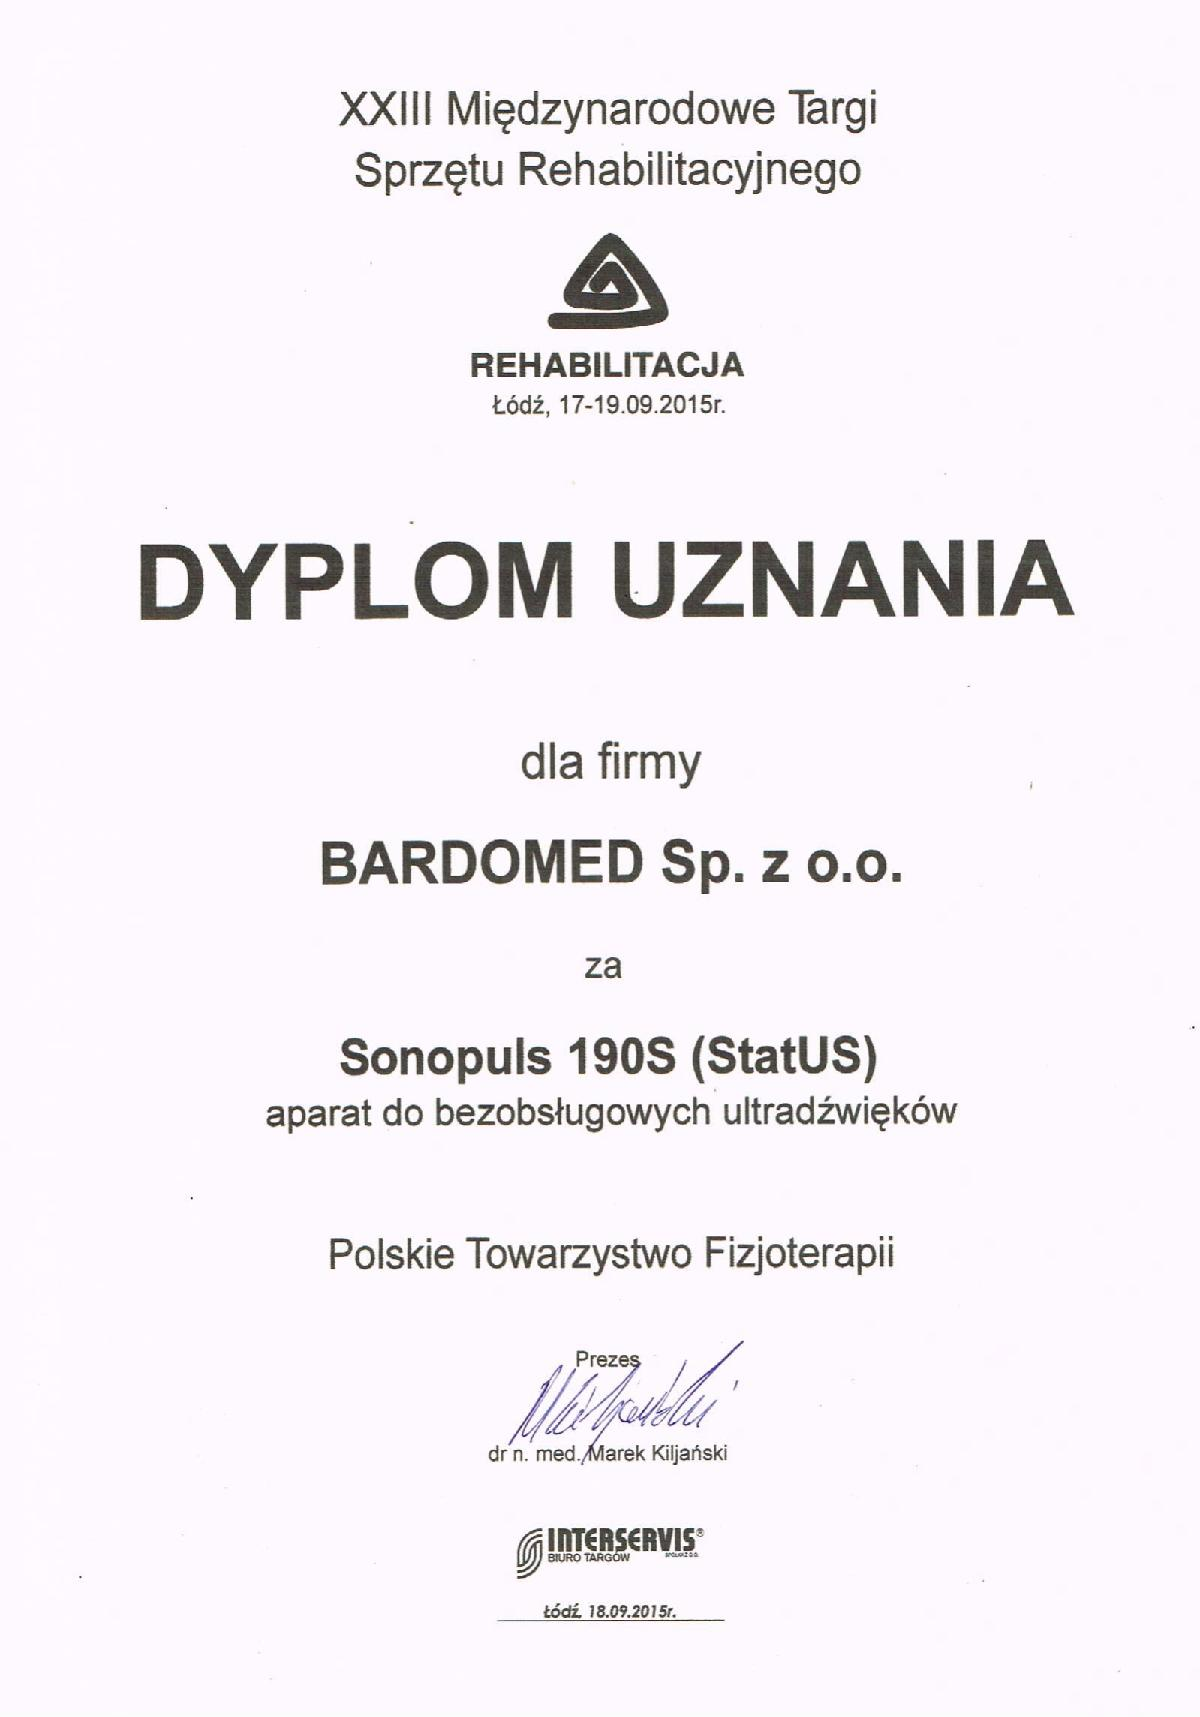 Dyplom dla BardoMed za aparat do bezobsługowych ultradźwięków